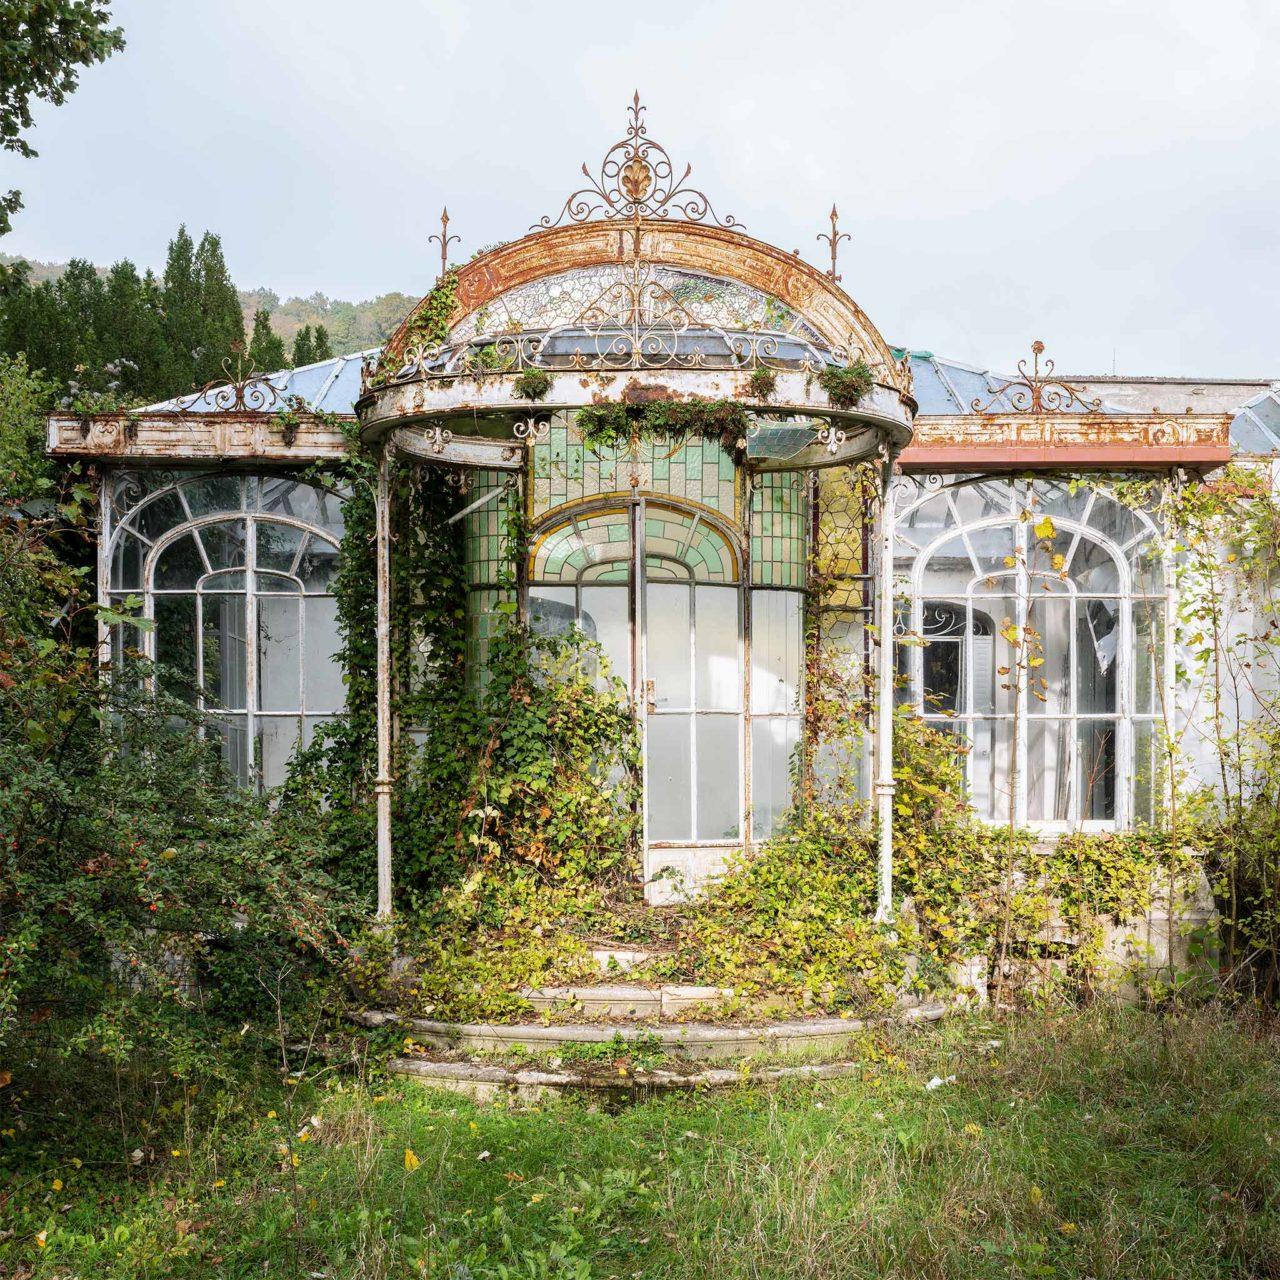 Il Giardino Imaginìfico